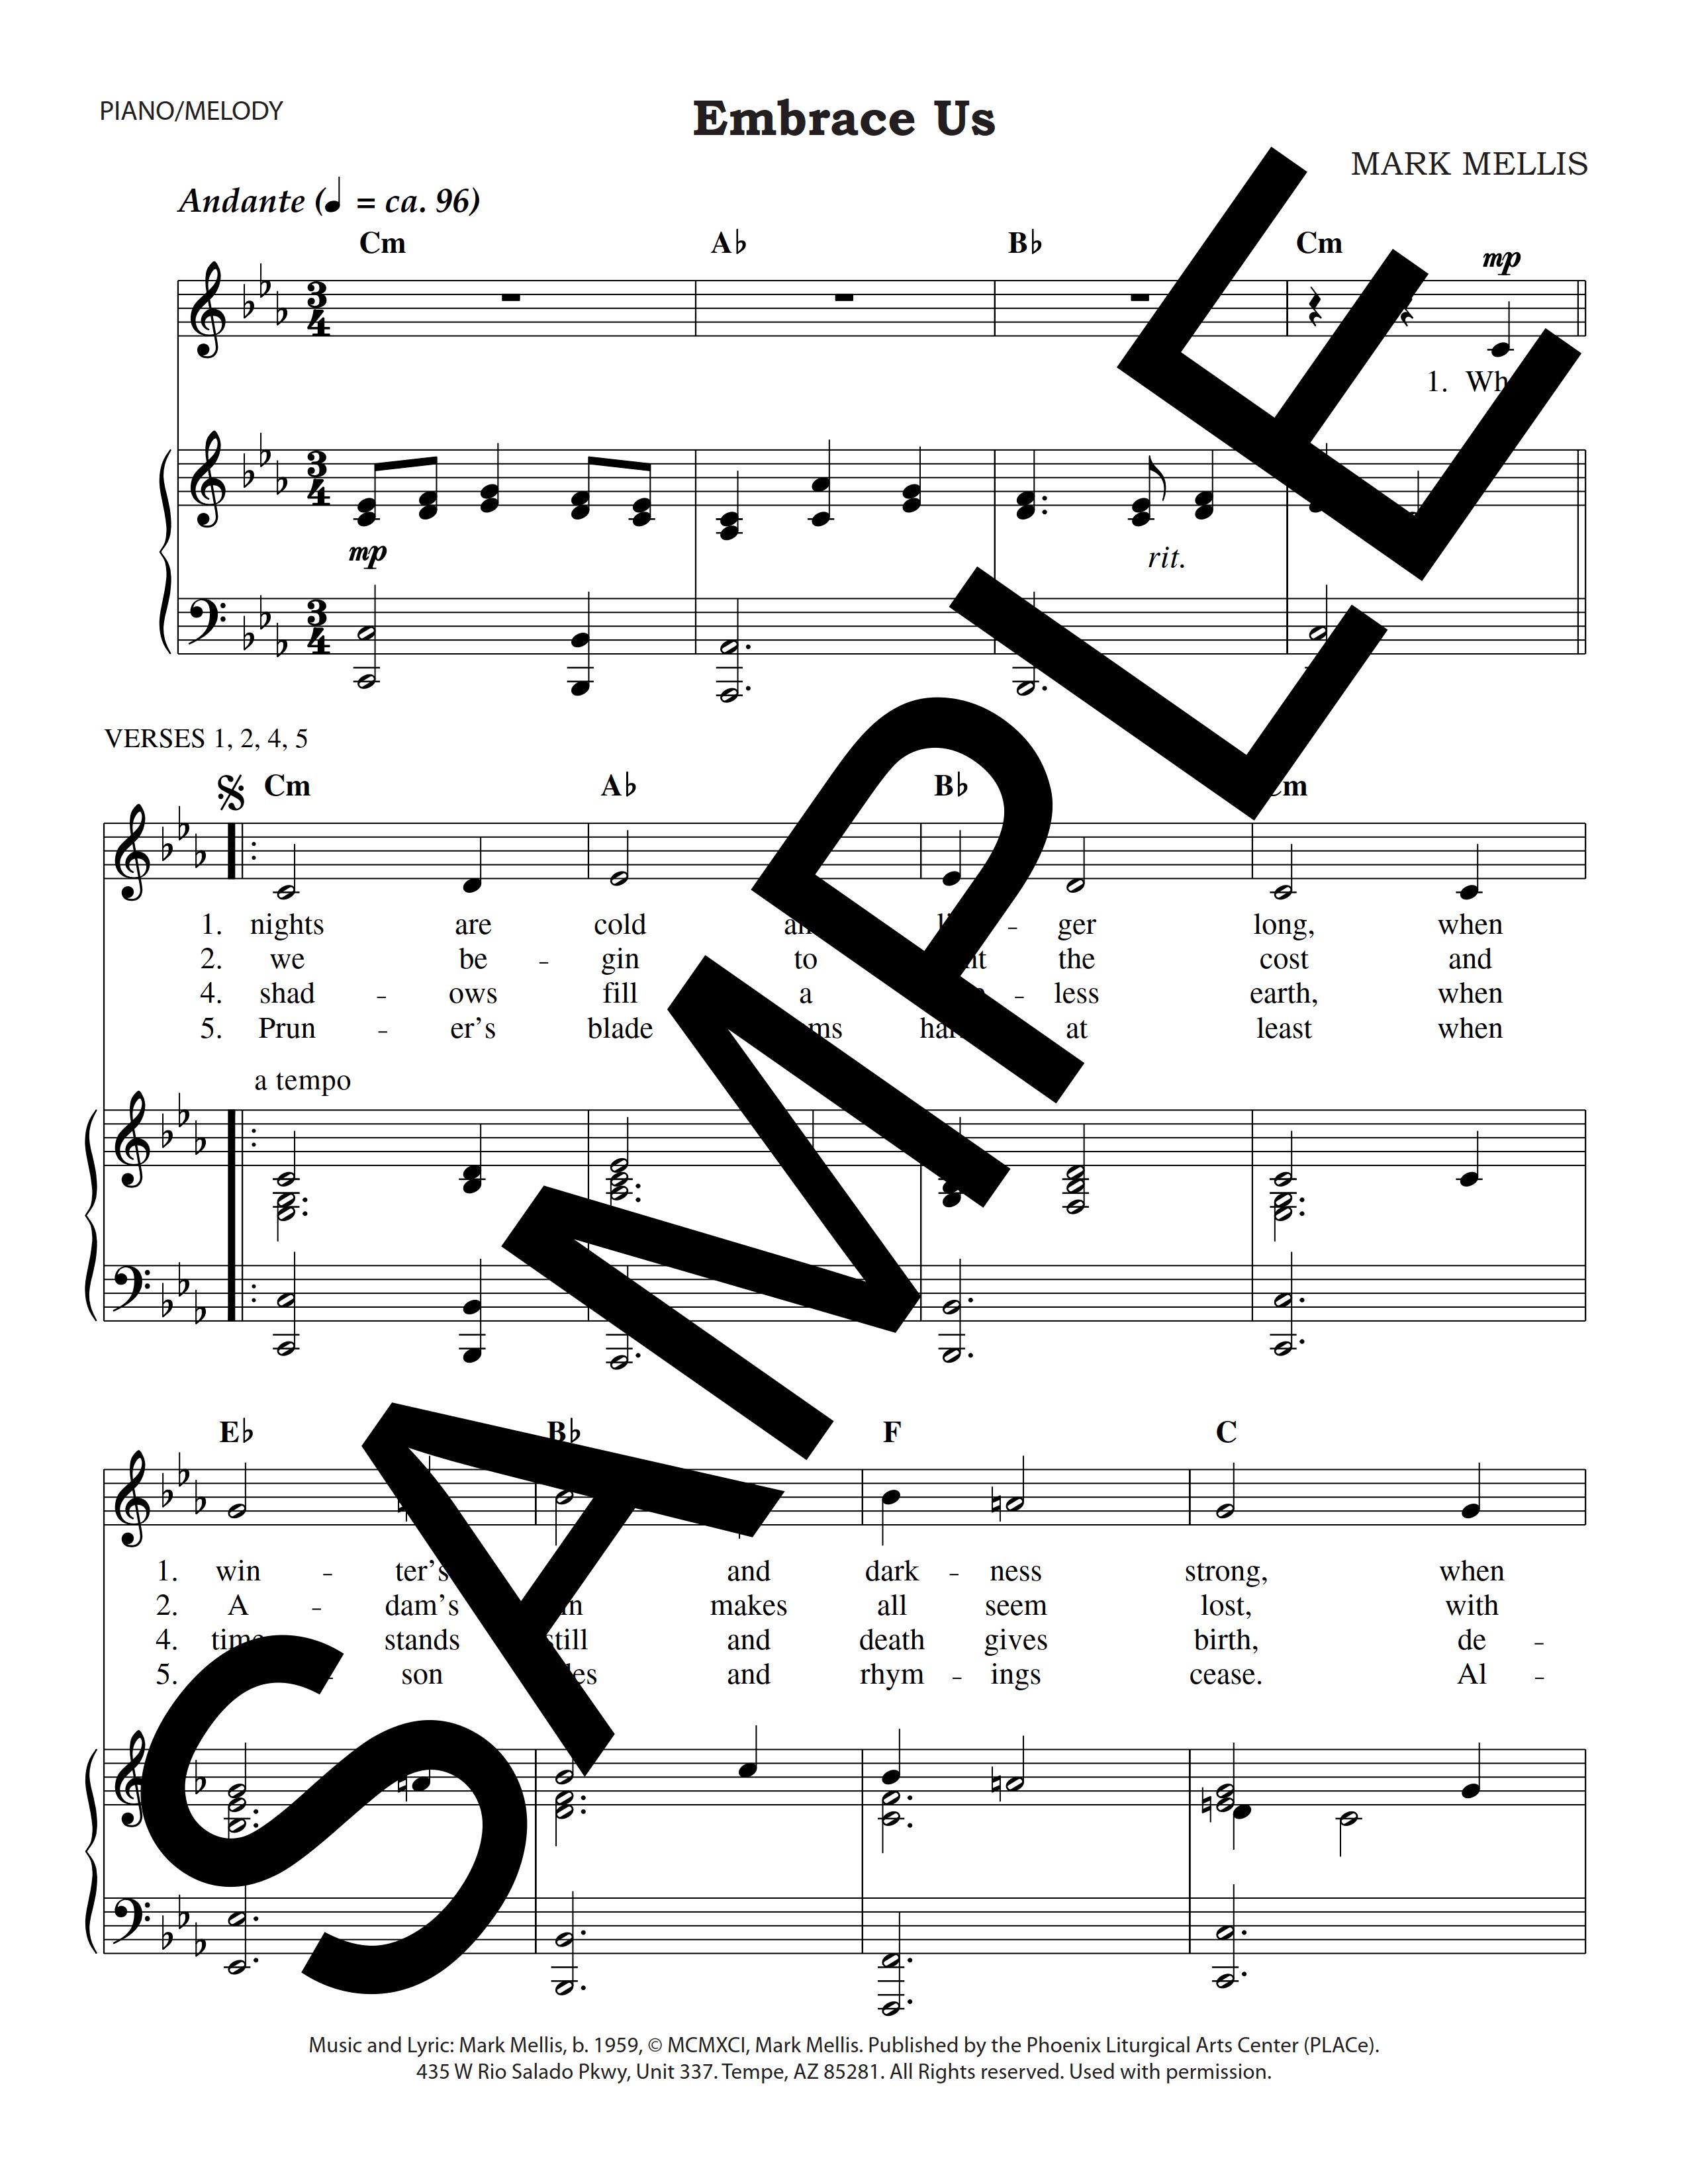 Embrace Us Mellis Sample Complete PDF 1 png